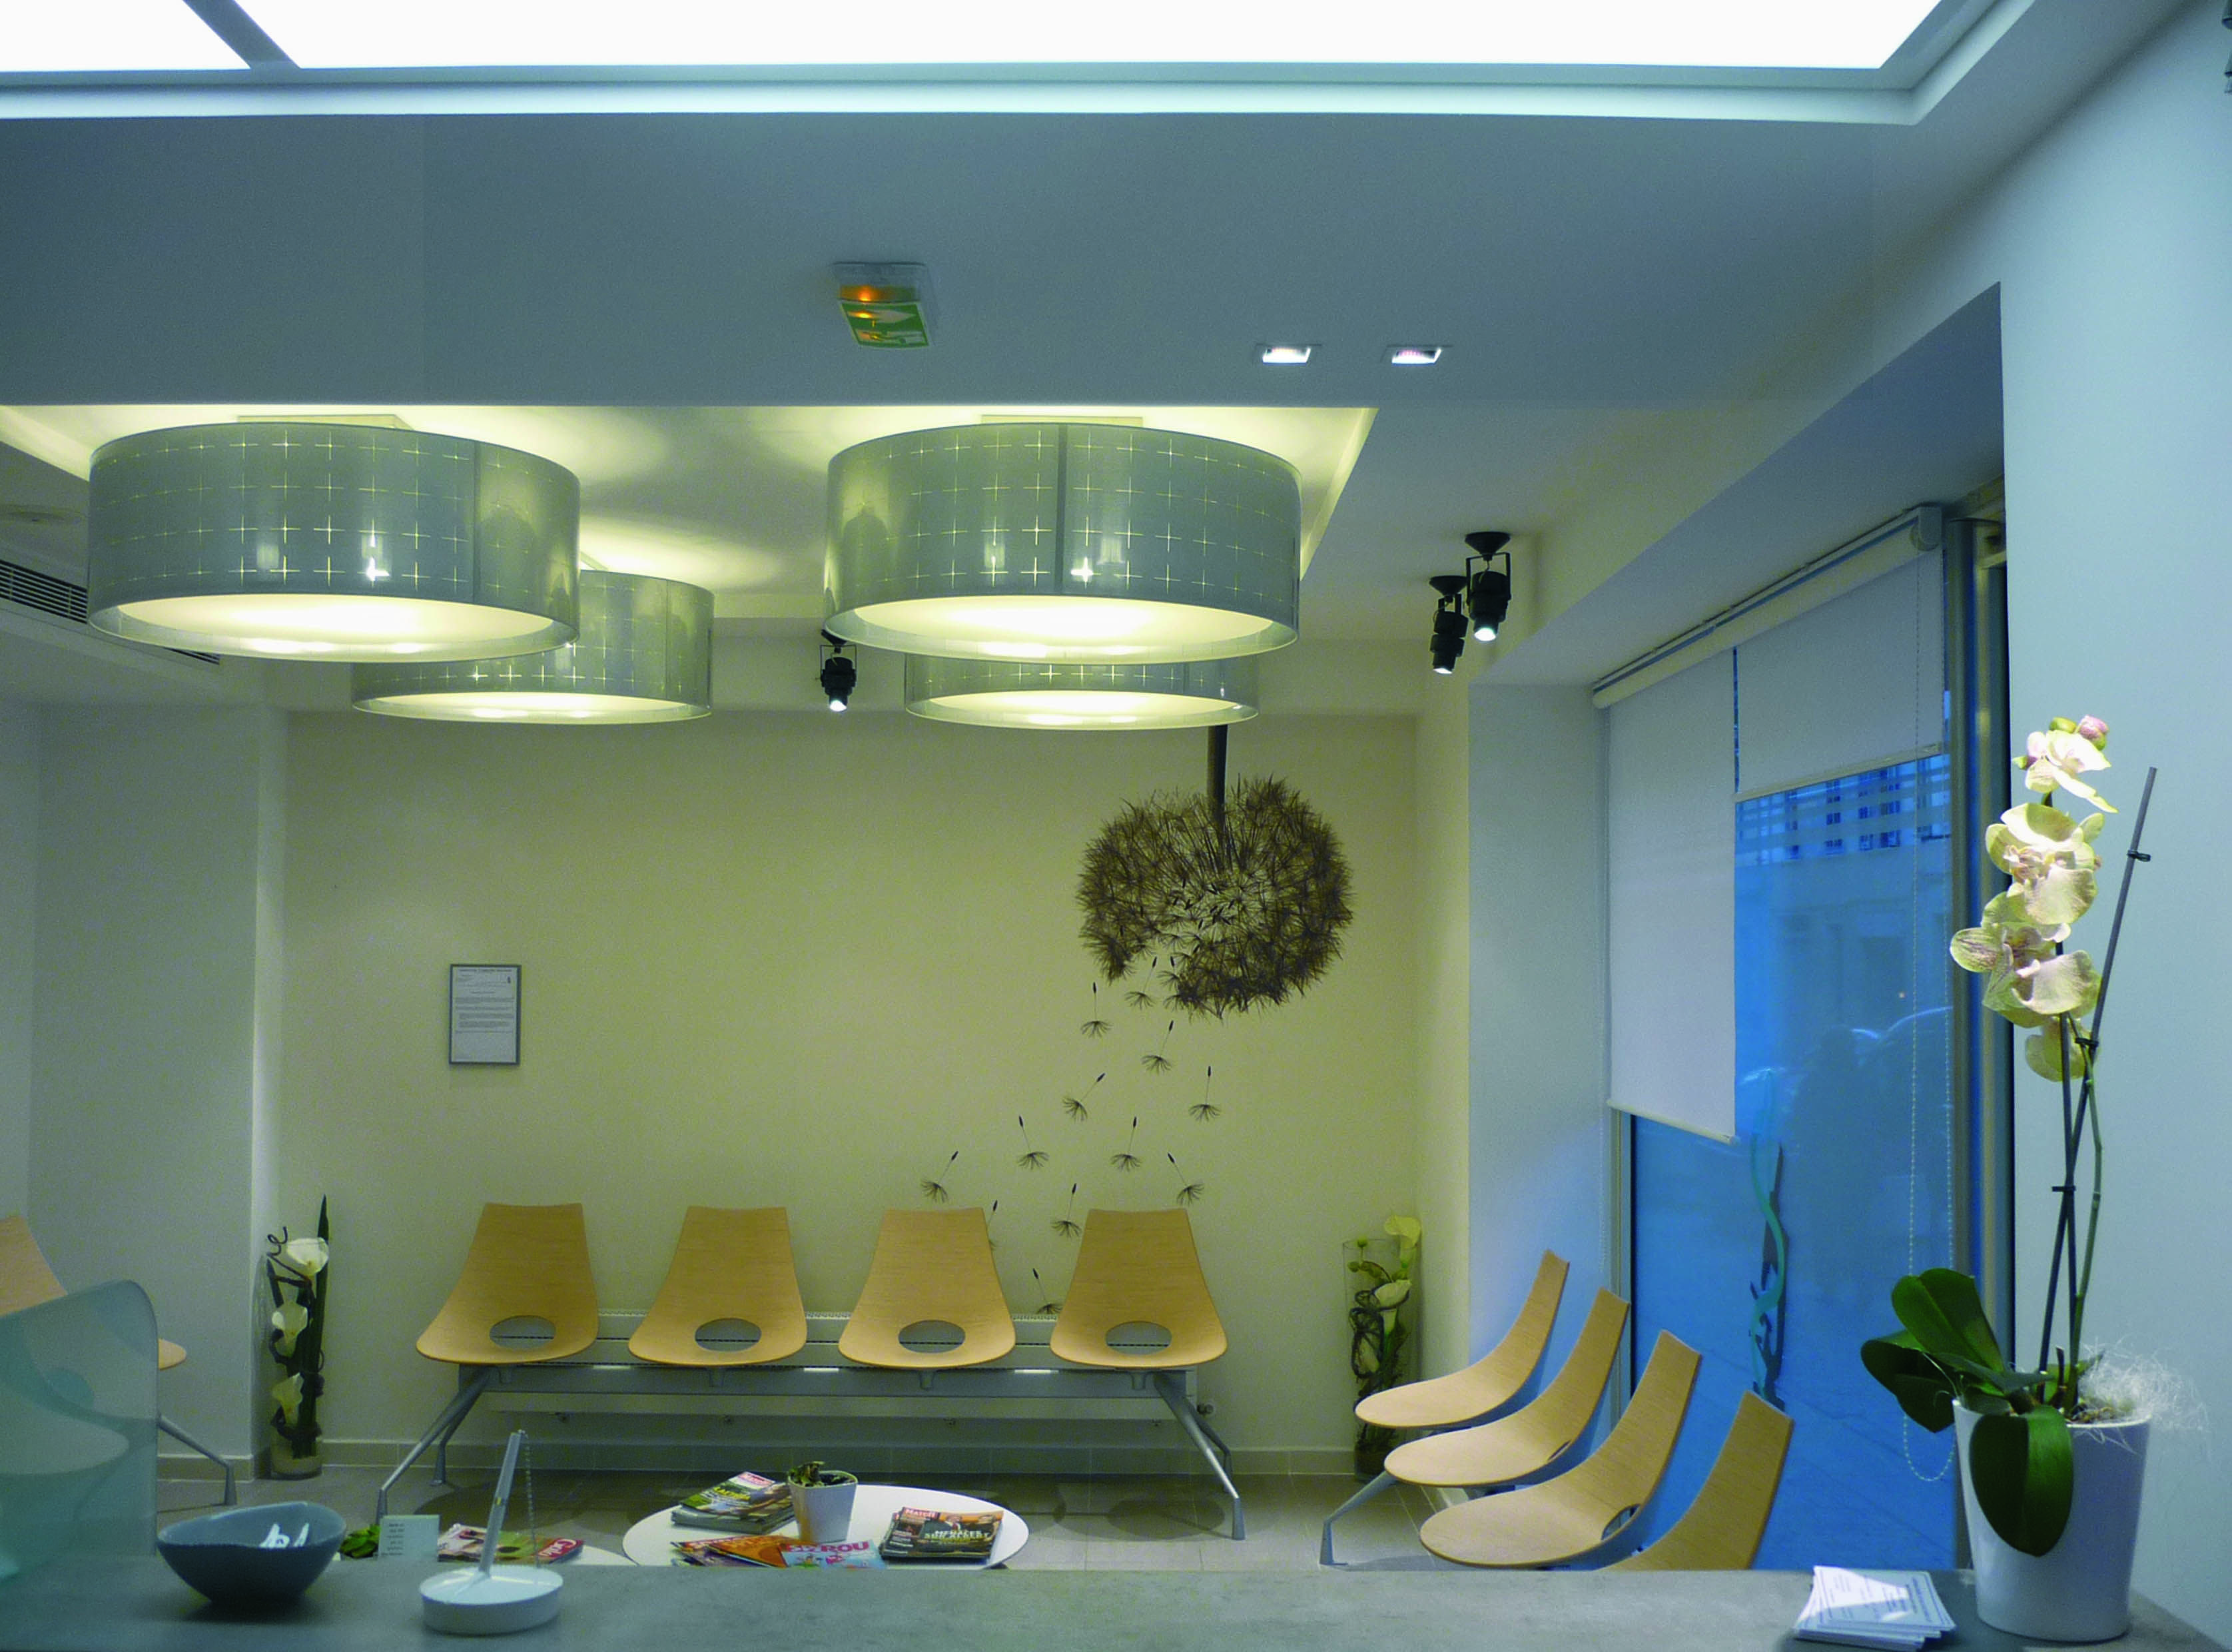 salle d attente laboratoire d 39 analyses m dicales accueil et salle d 39 attente pinterest. Black Bedroom Furniture Sets. Home Design Ideas